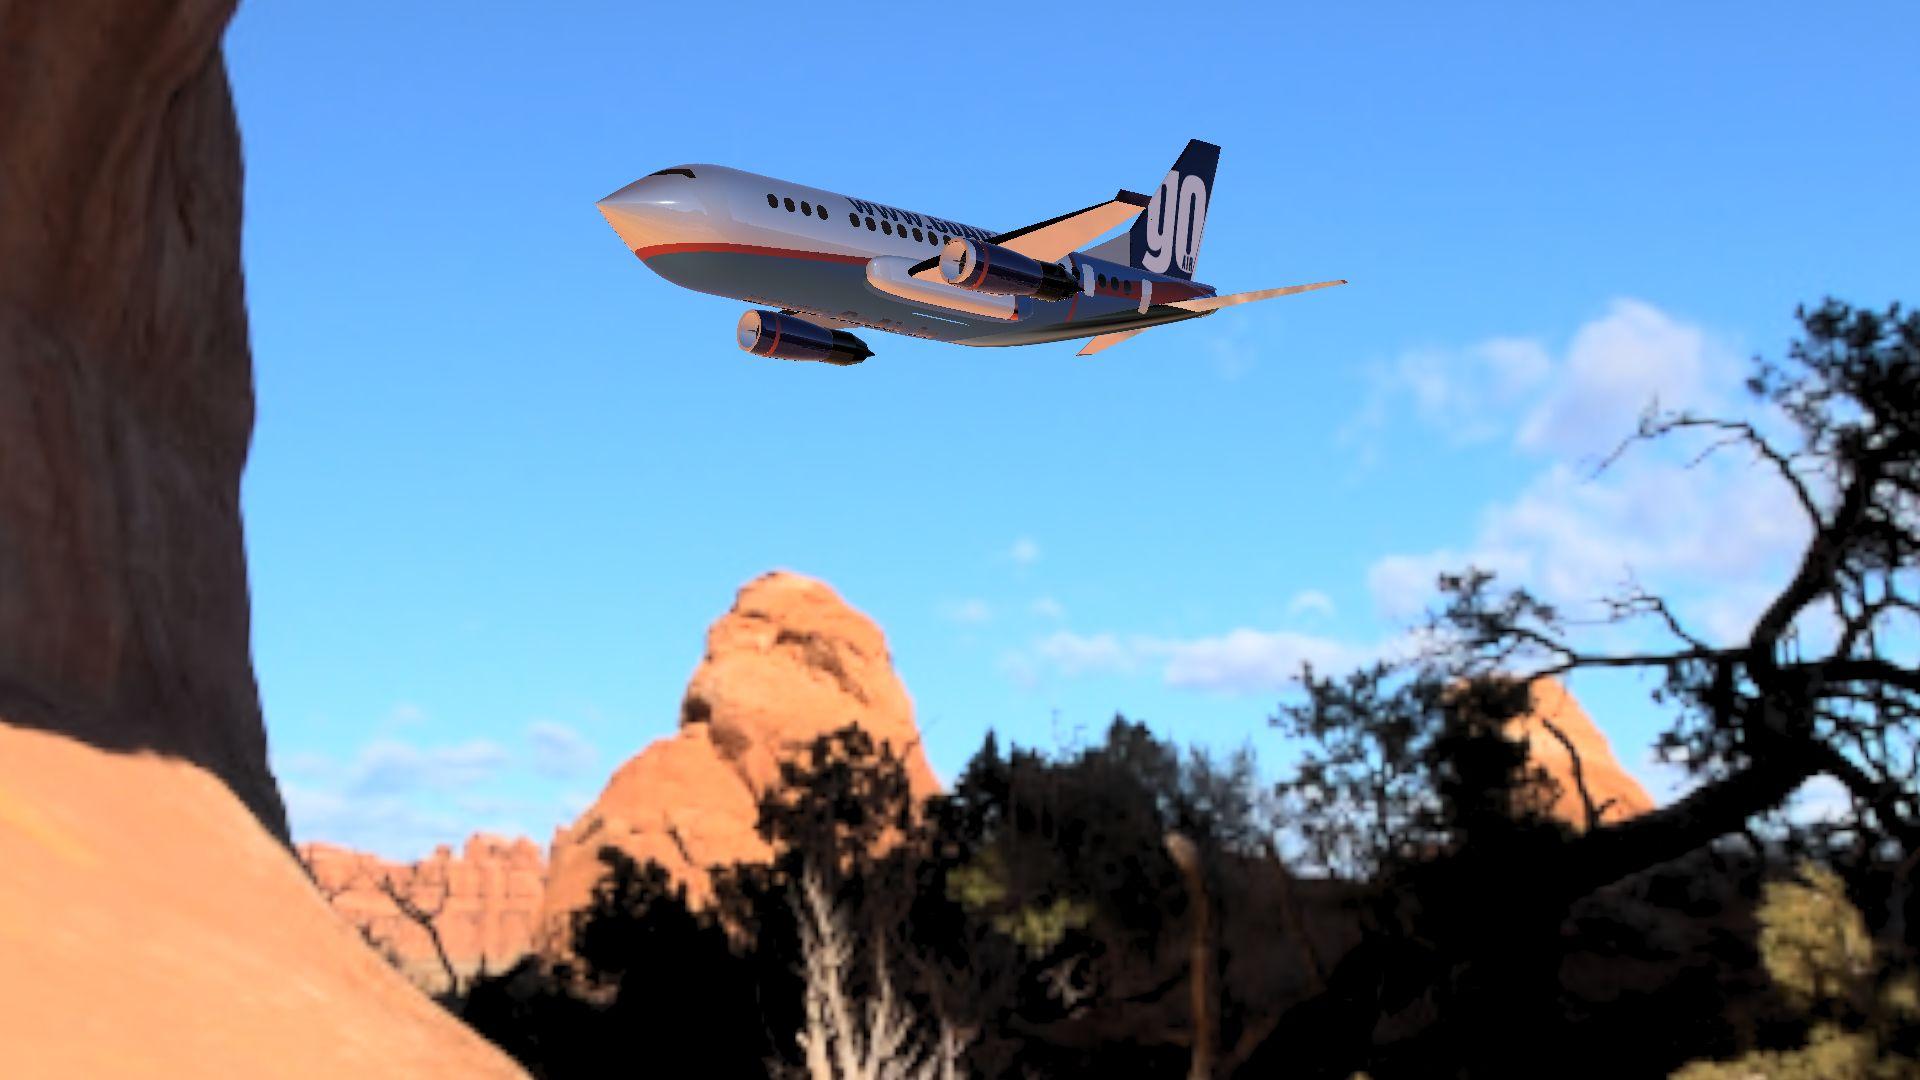 Go-air-737-004-3500-3500